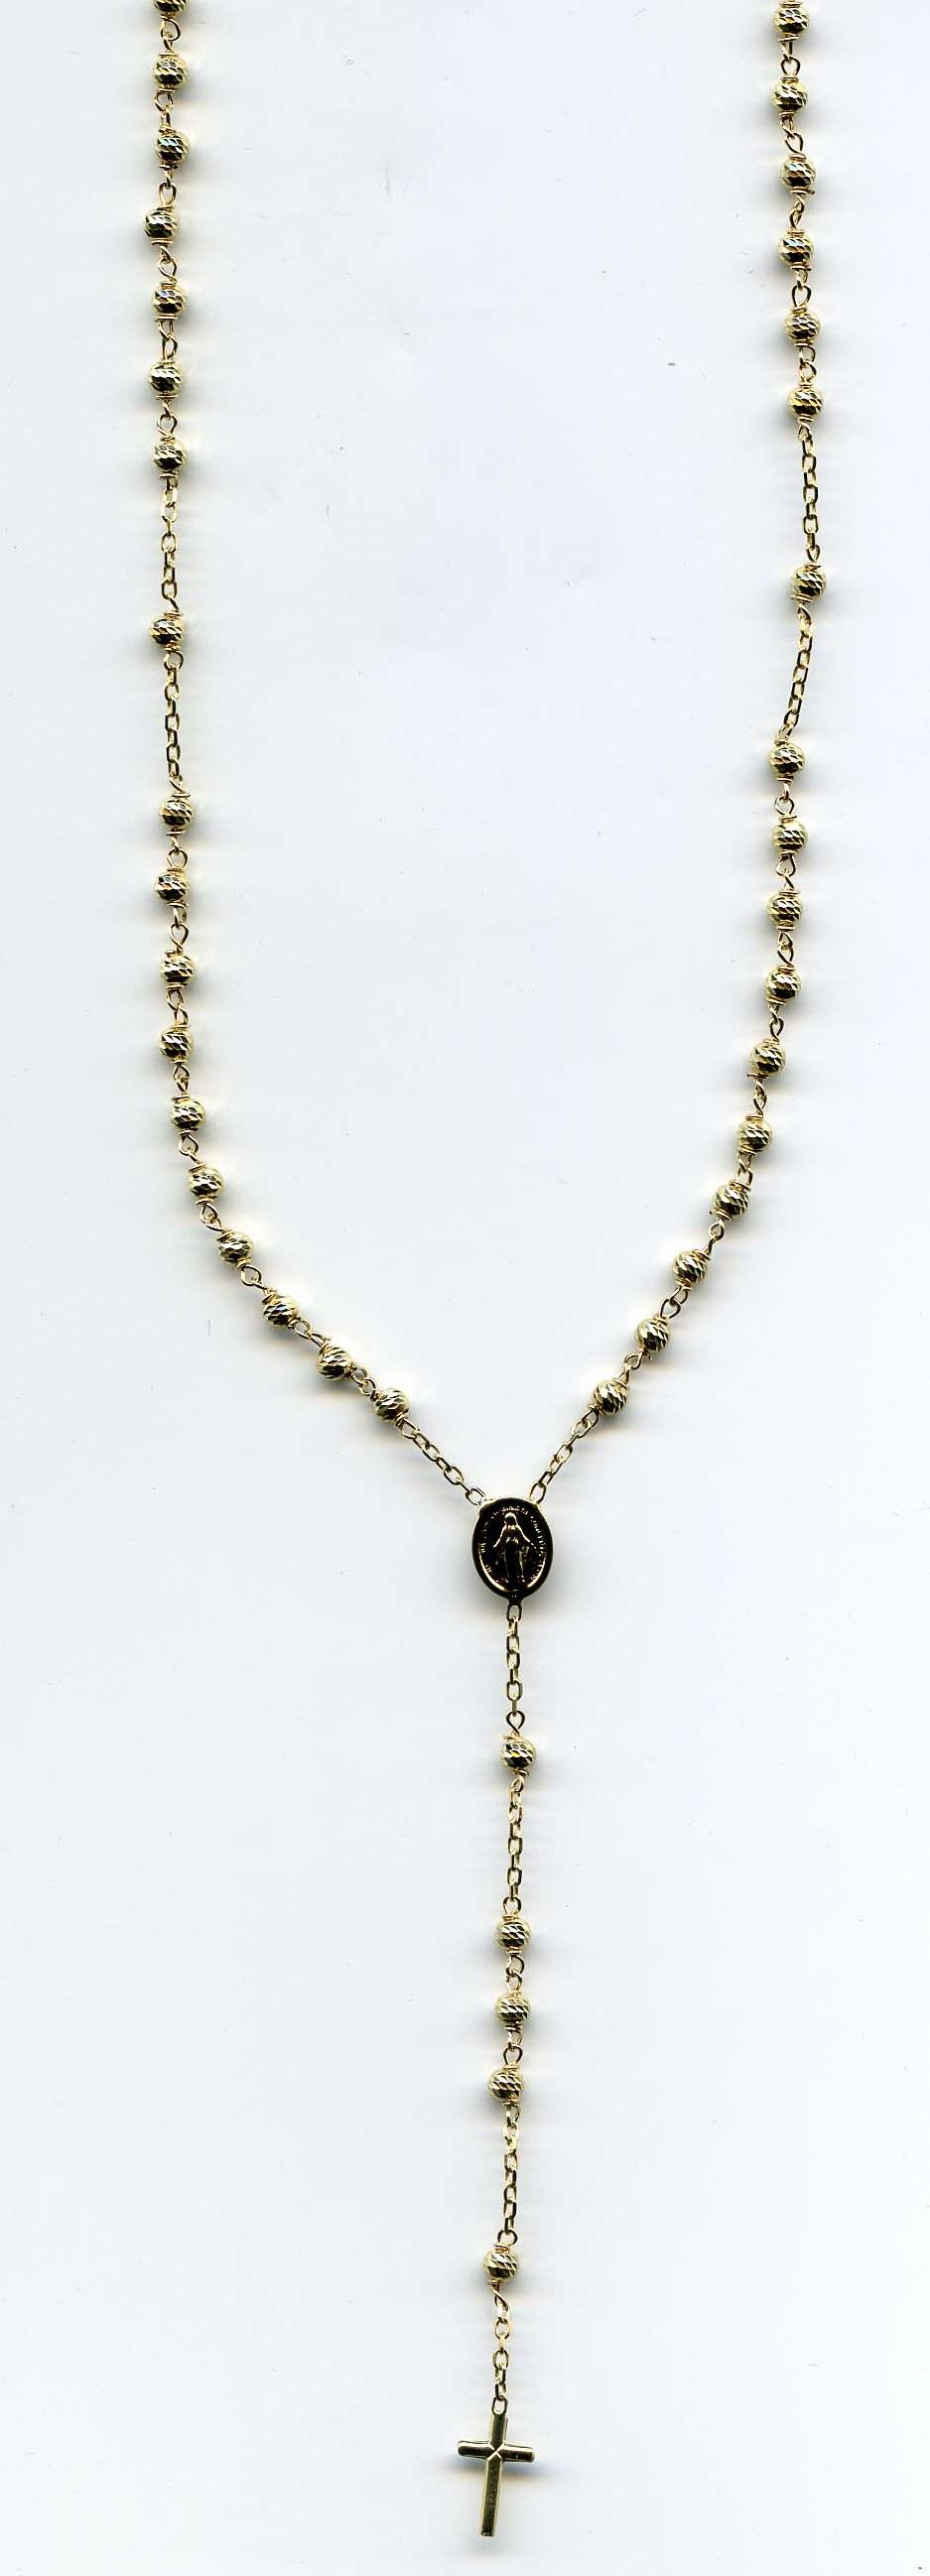 Zlatý velký růženec 247/ROS/03 585/7,3gr/50cm - růženec s madonkou a křížkem